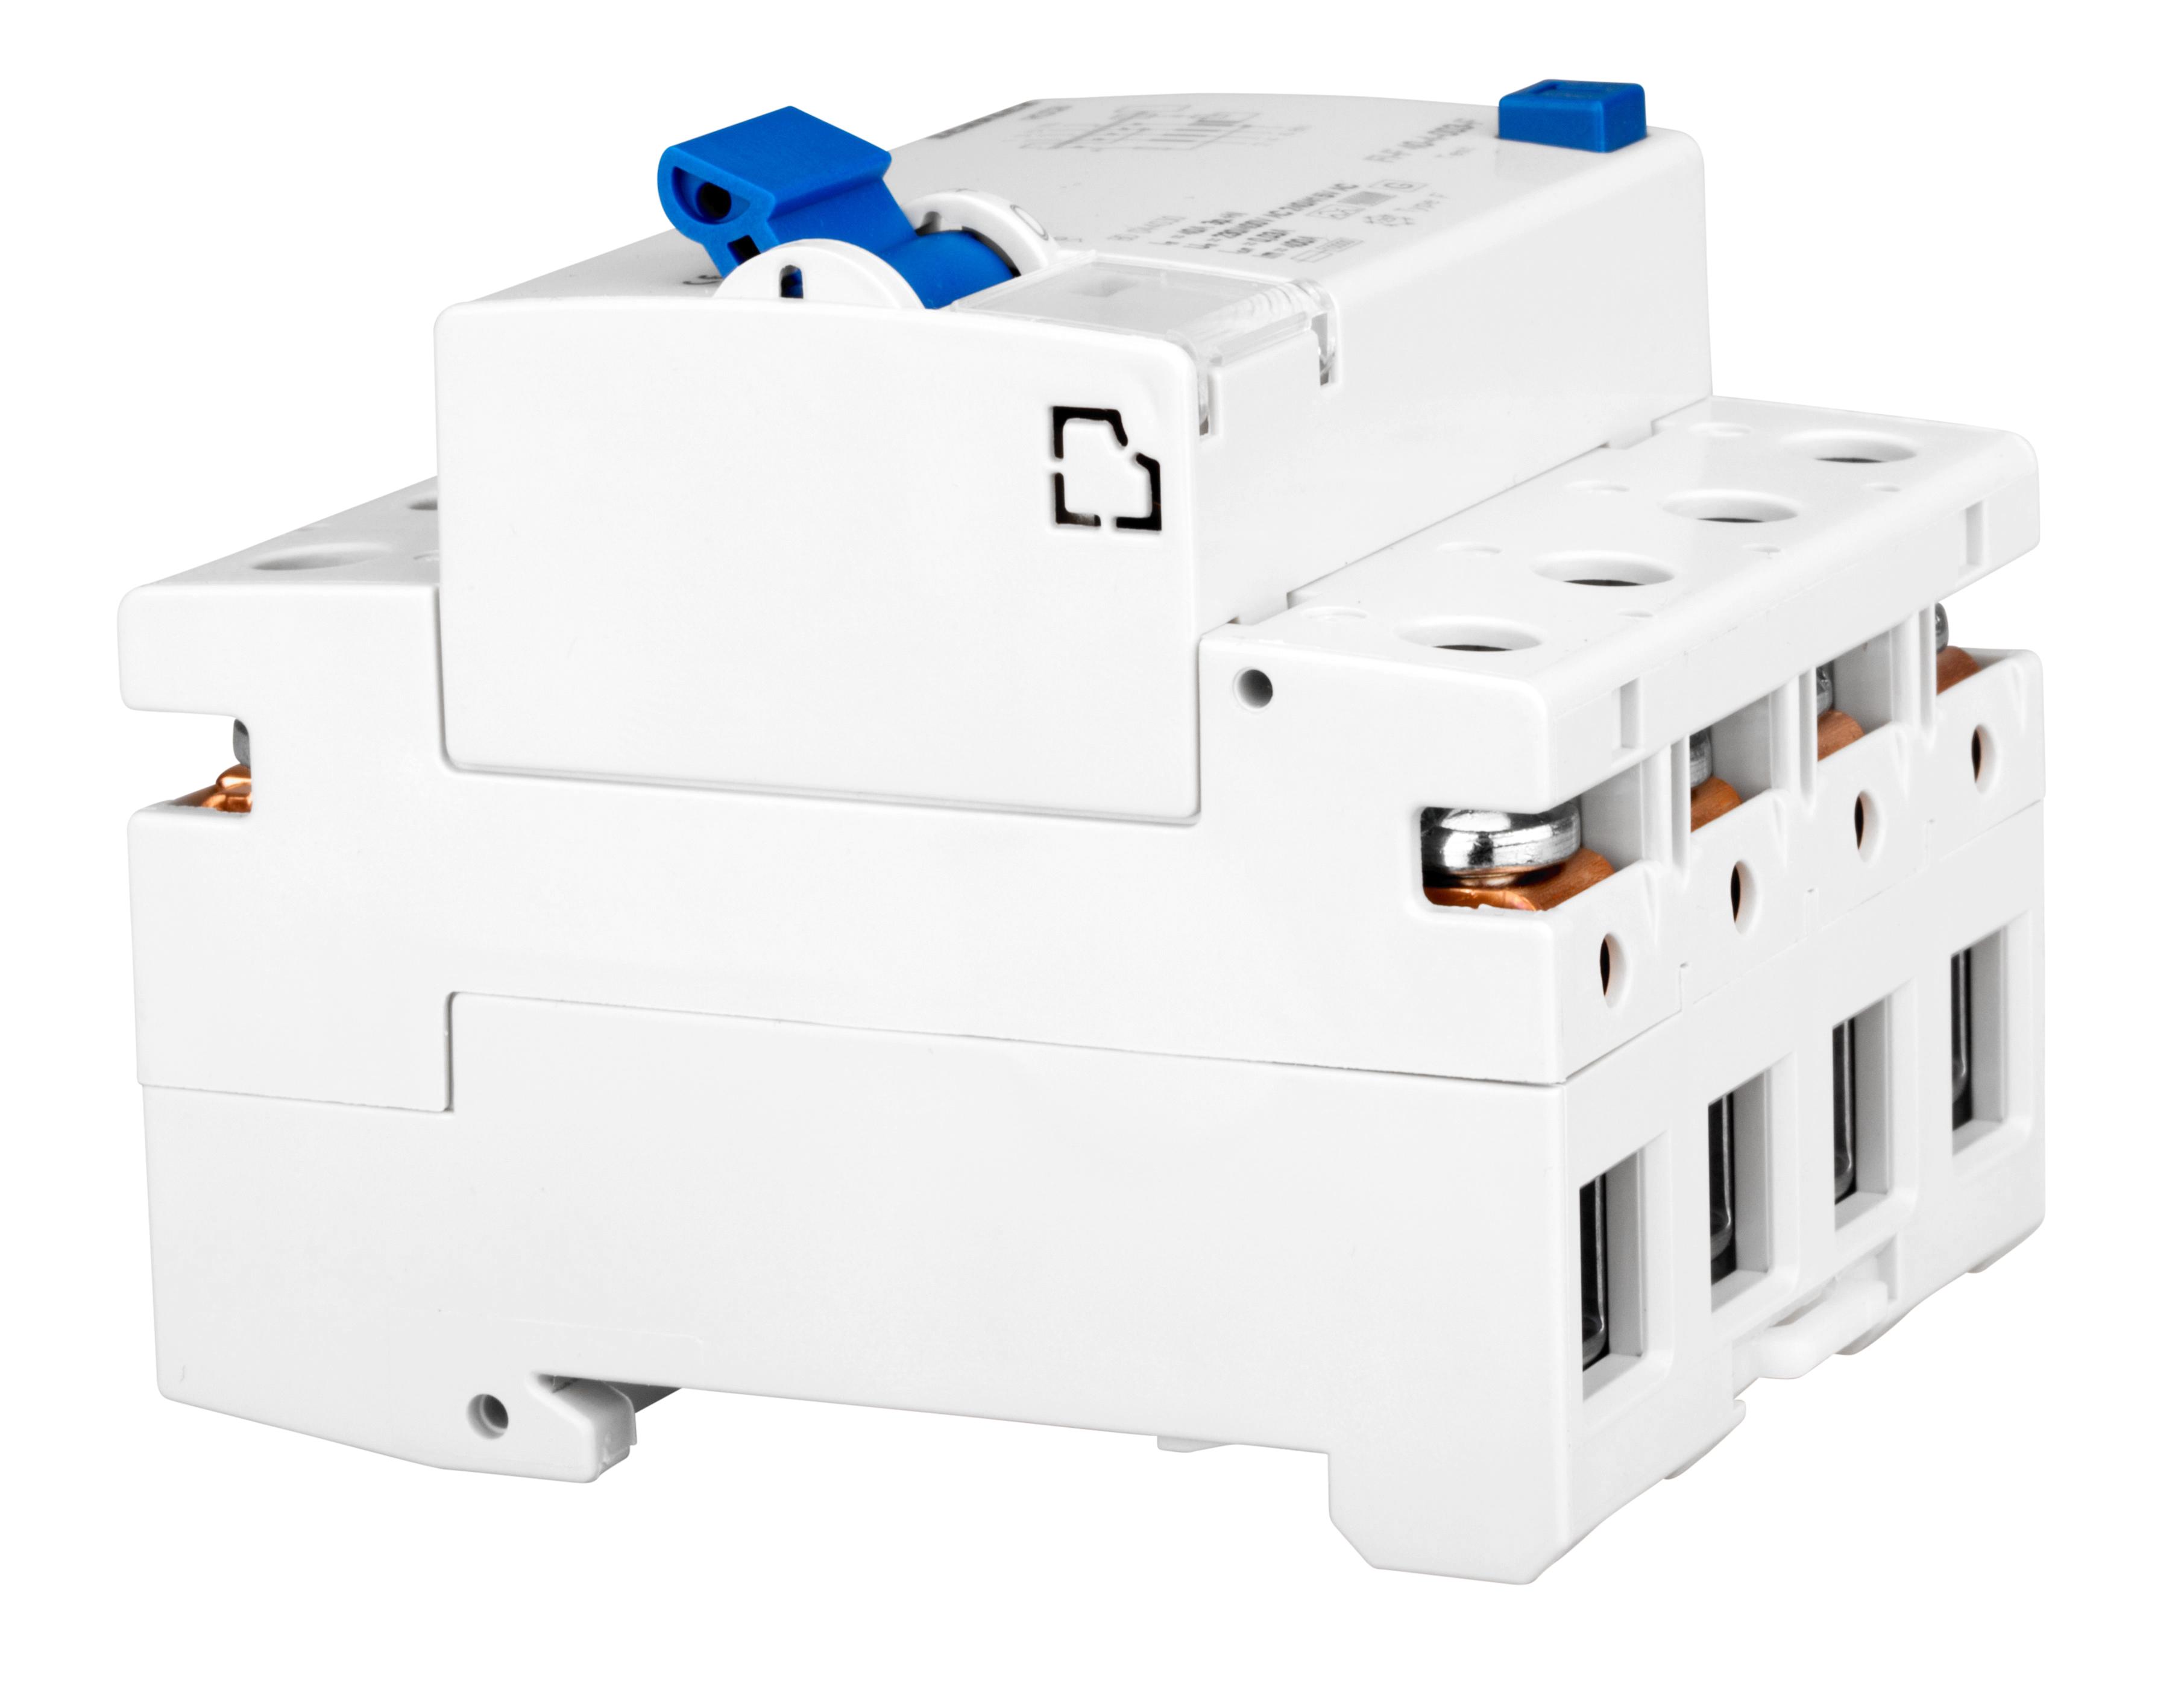 1 Stk FI-Schalter, 40A, 4-polig, 30mA, vsf., Bauart G, Typ F BD044403--